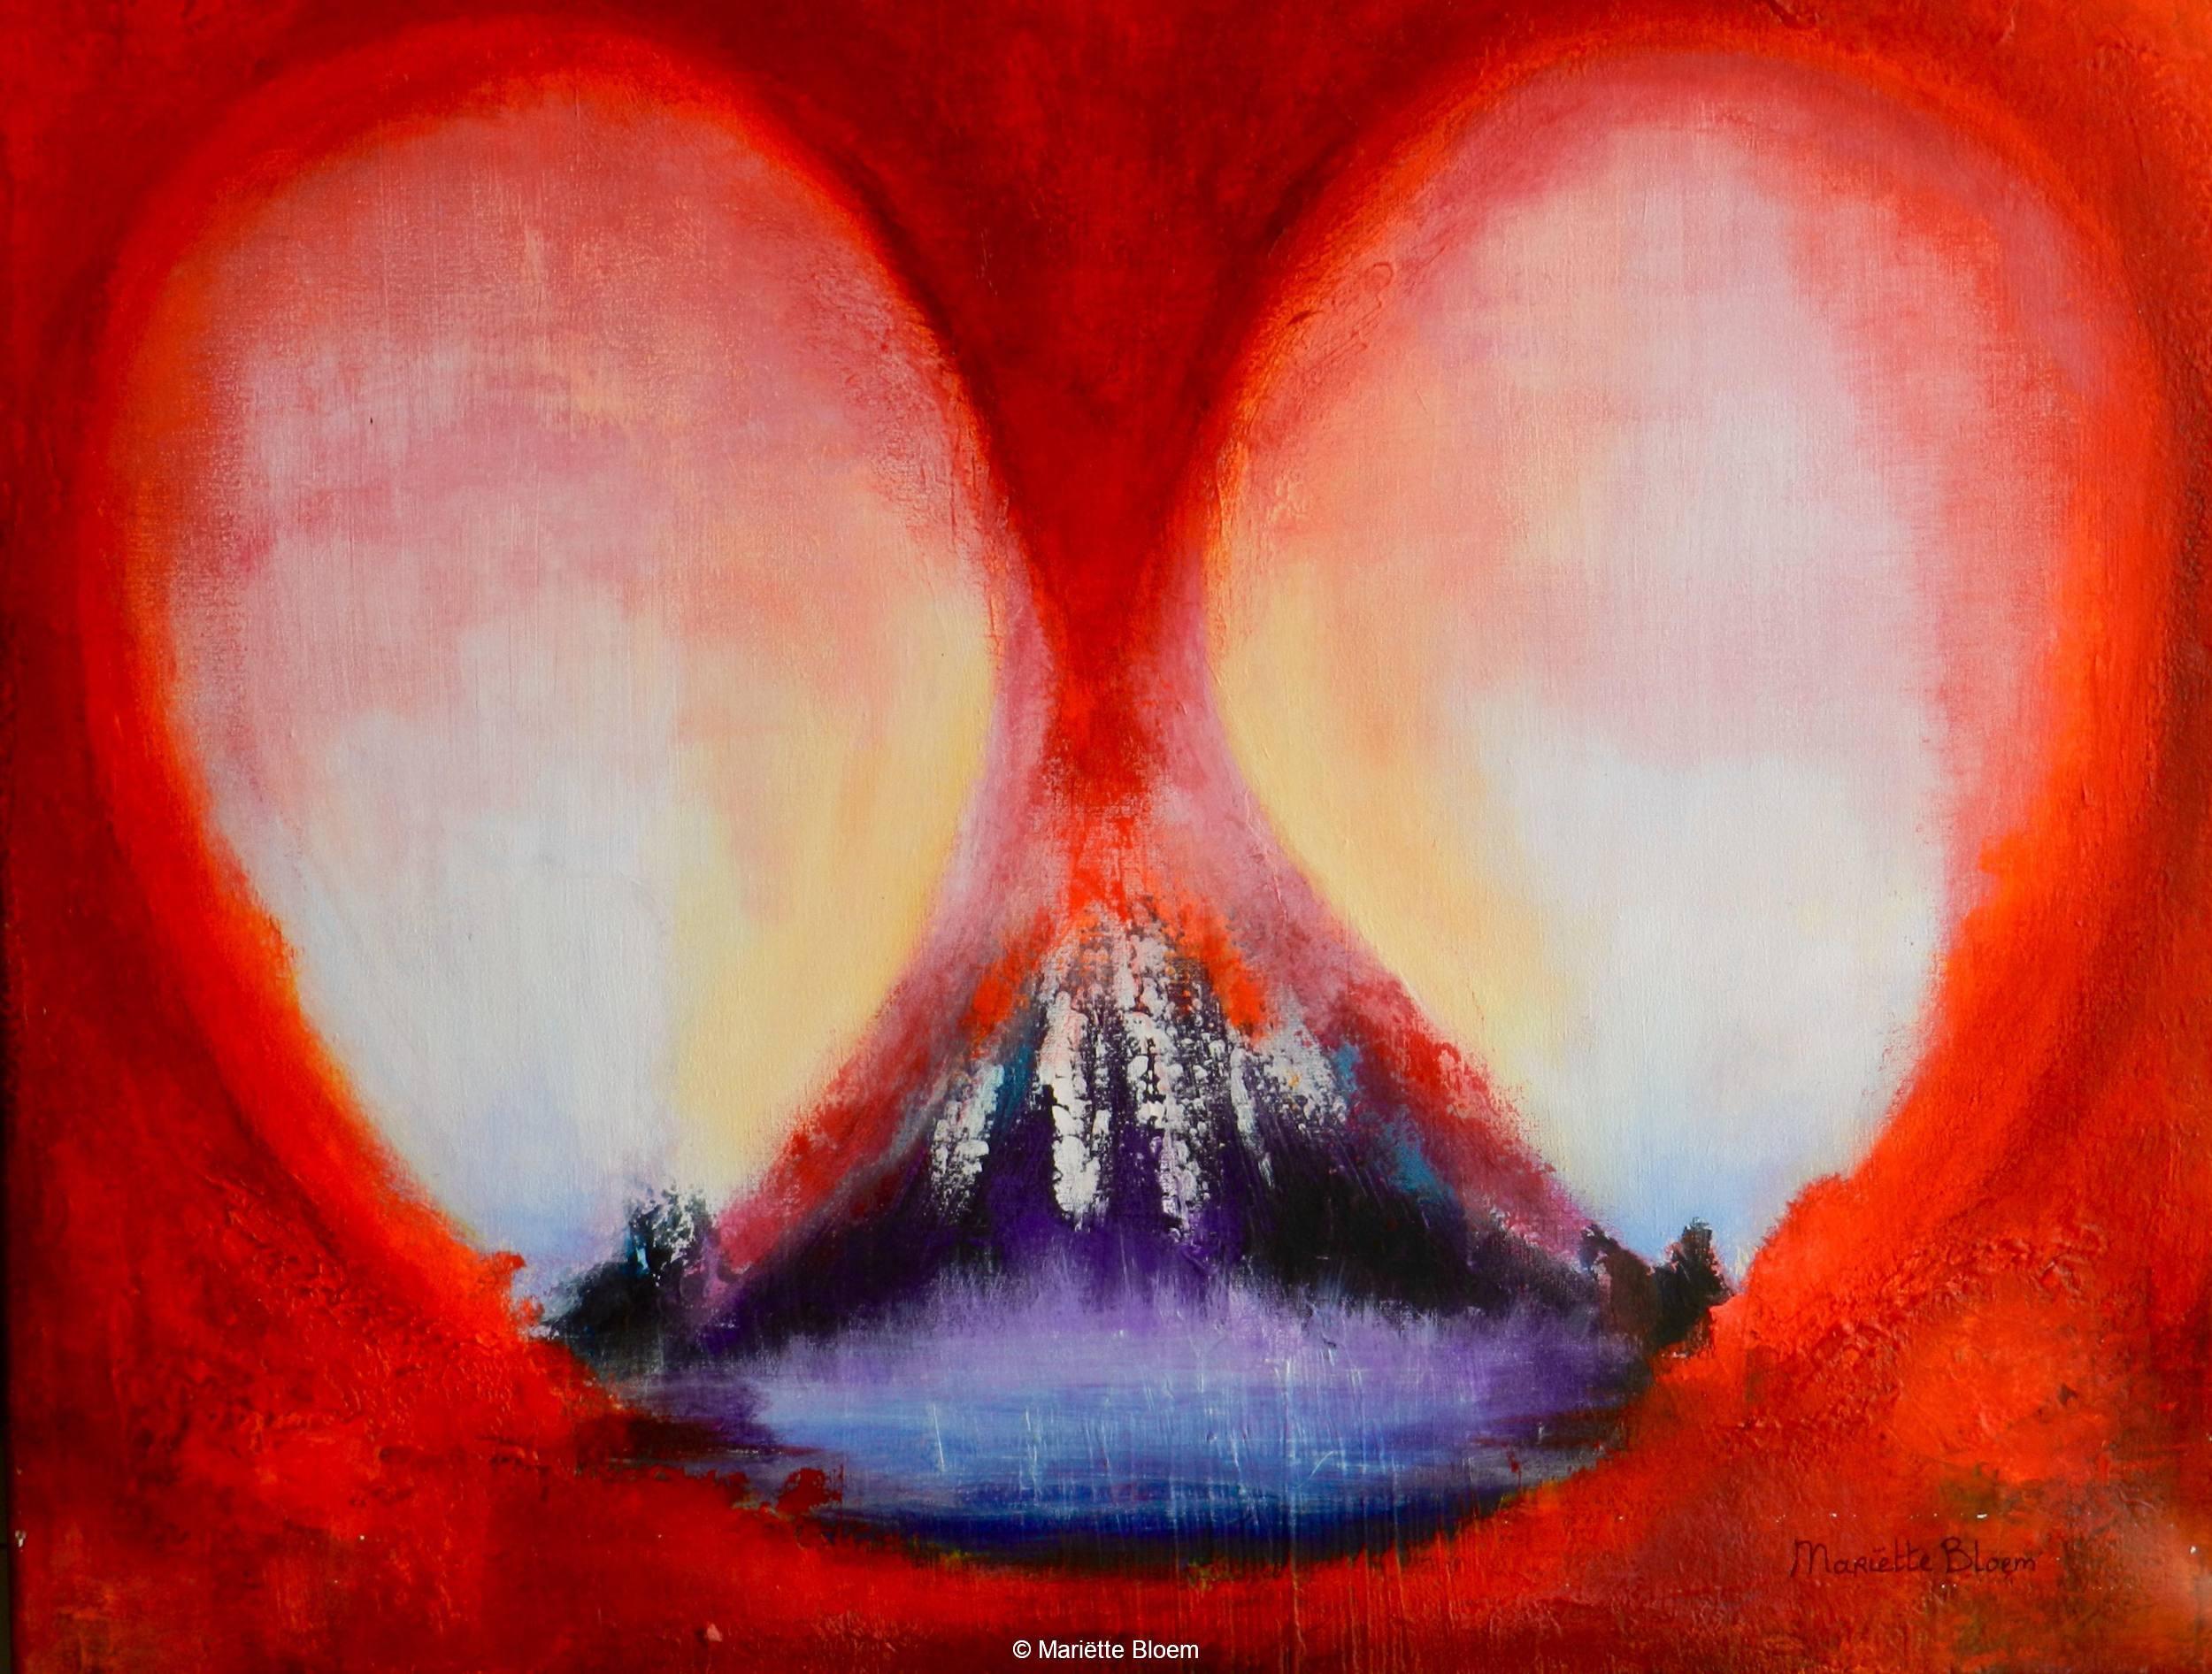 Liefde, drieluik geloof hoop liefde